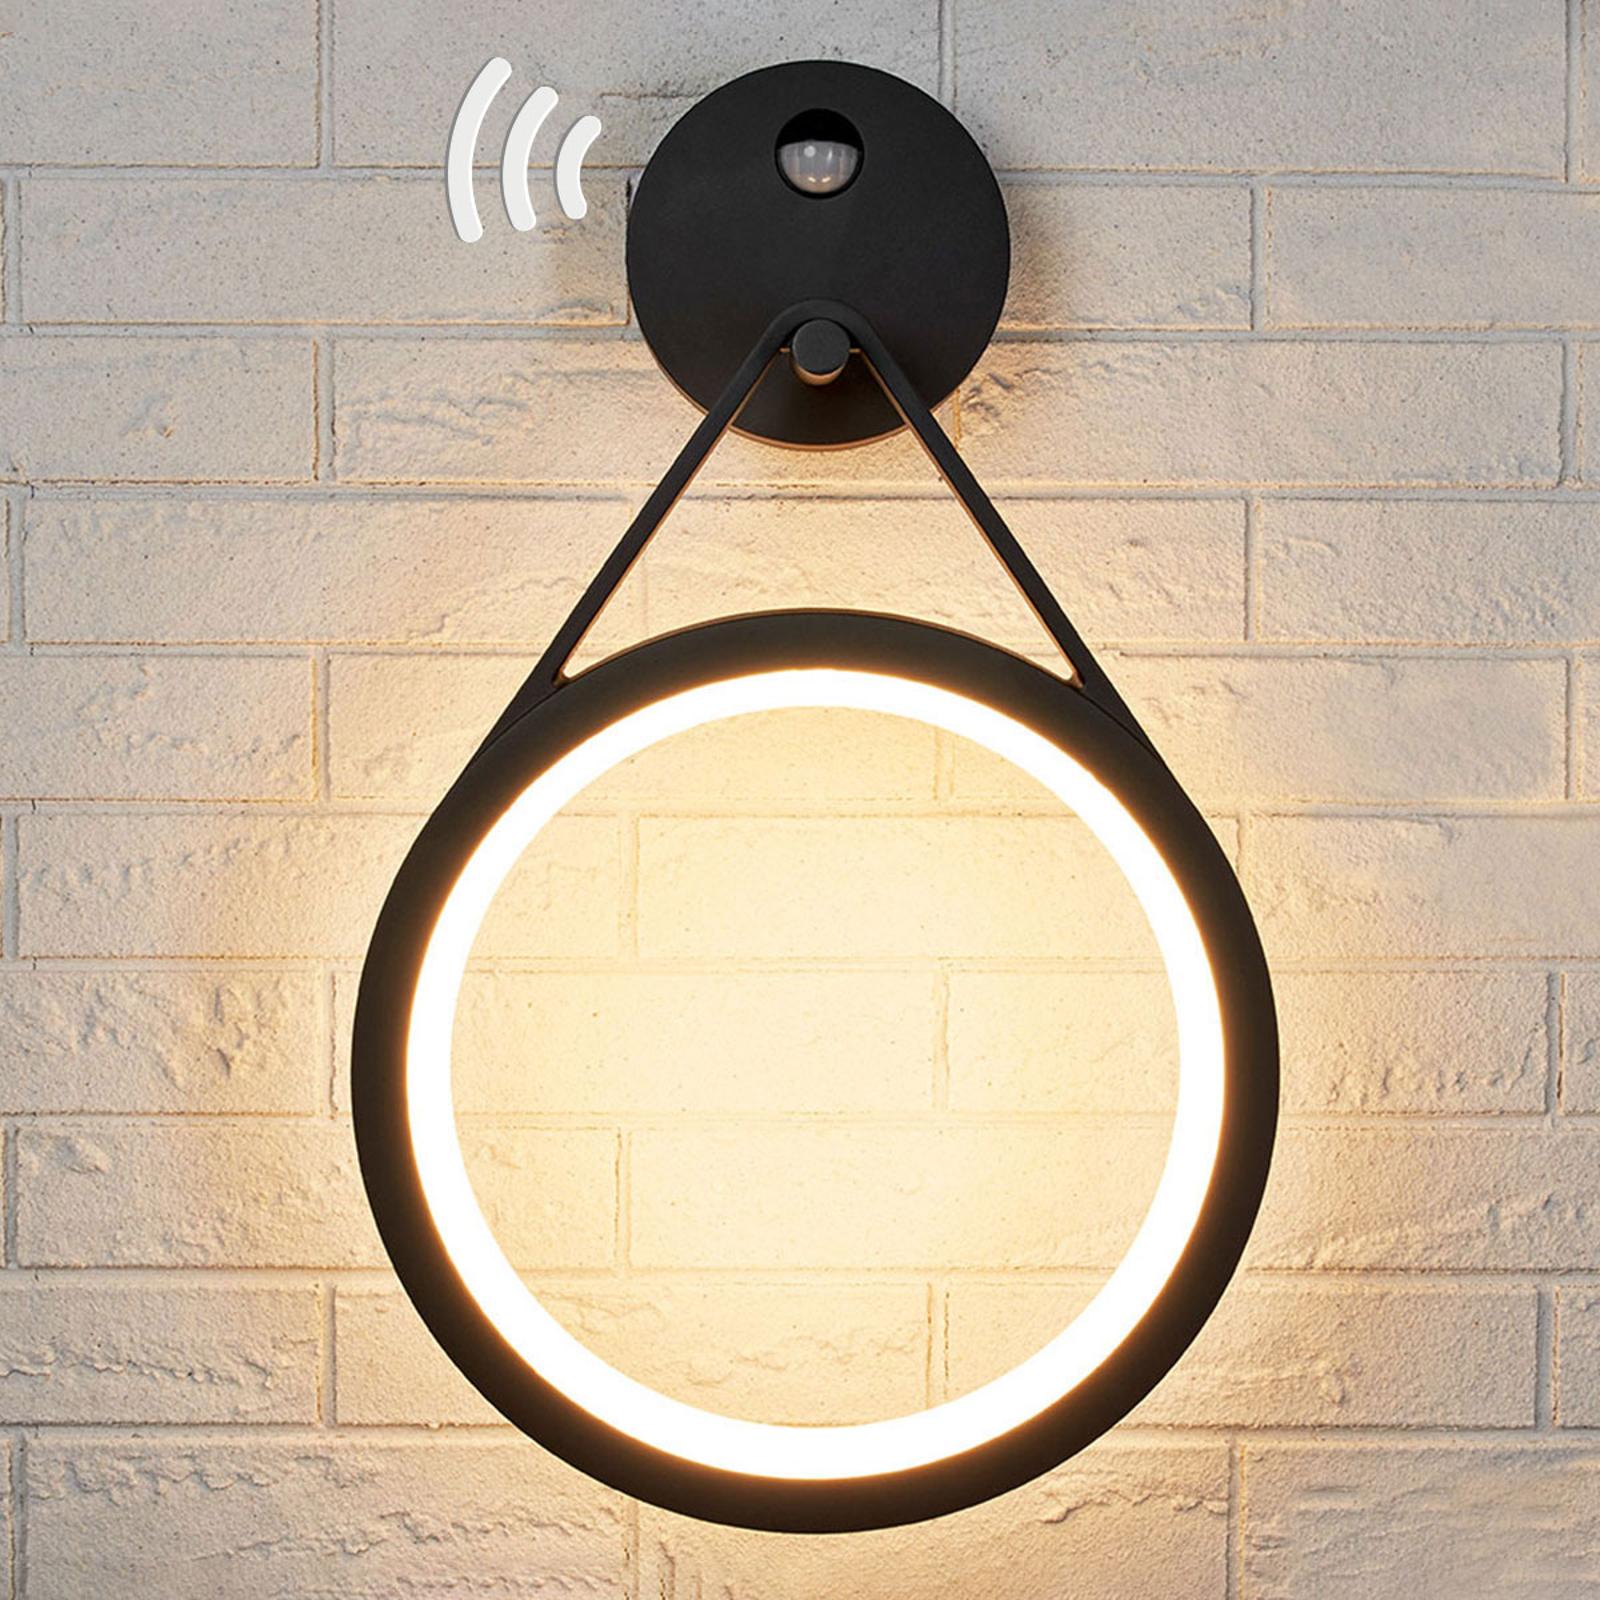 Mirco udendørs LED-væglampe med sensor, ringformet